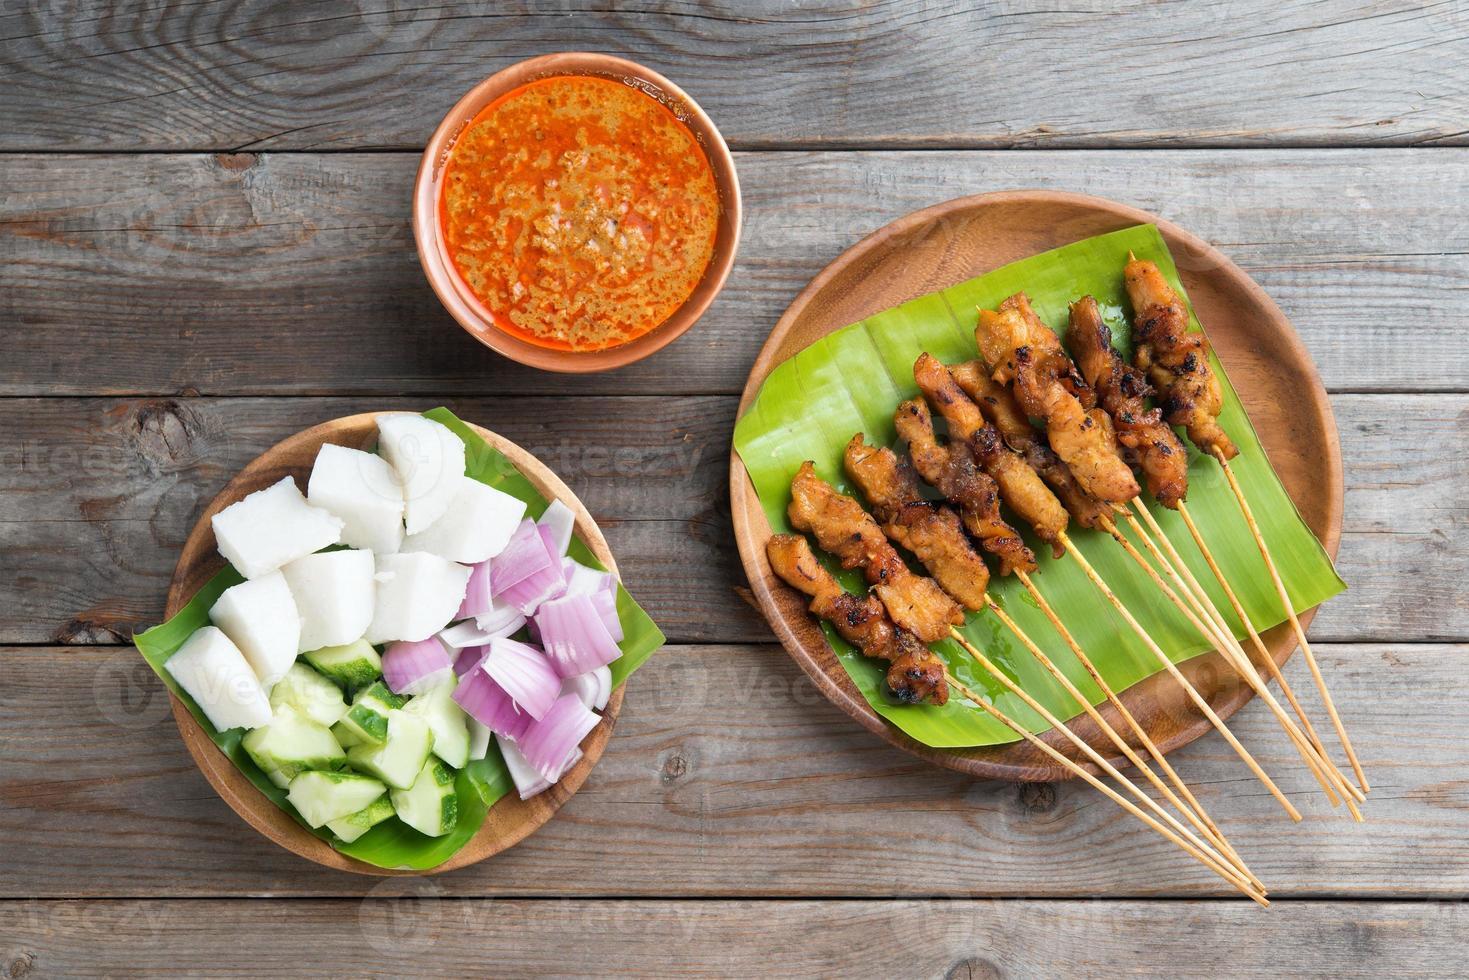 pollo salado de Malasia foto